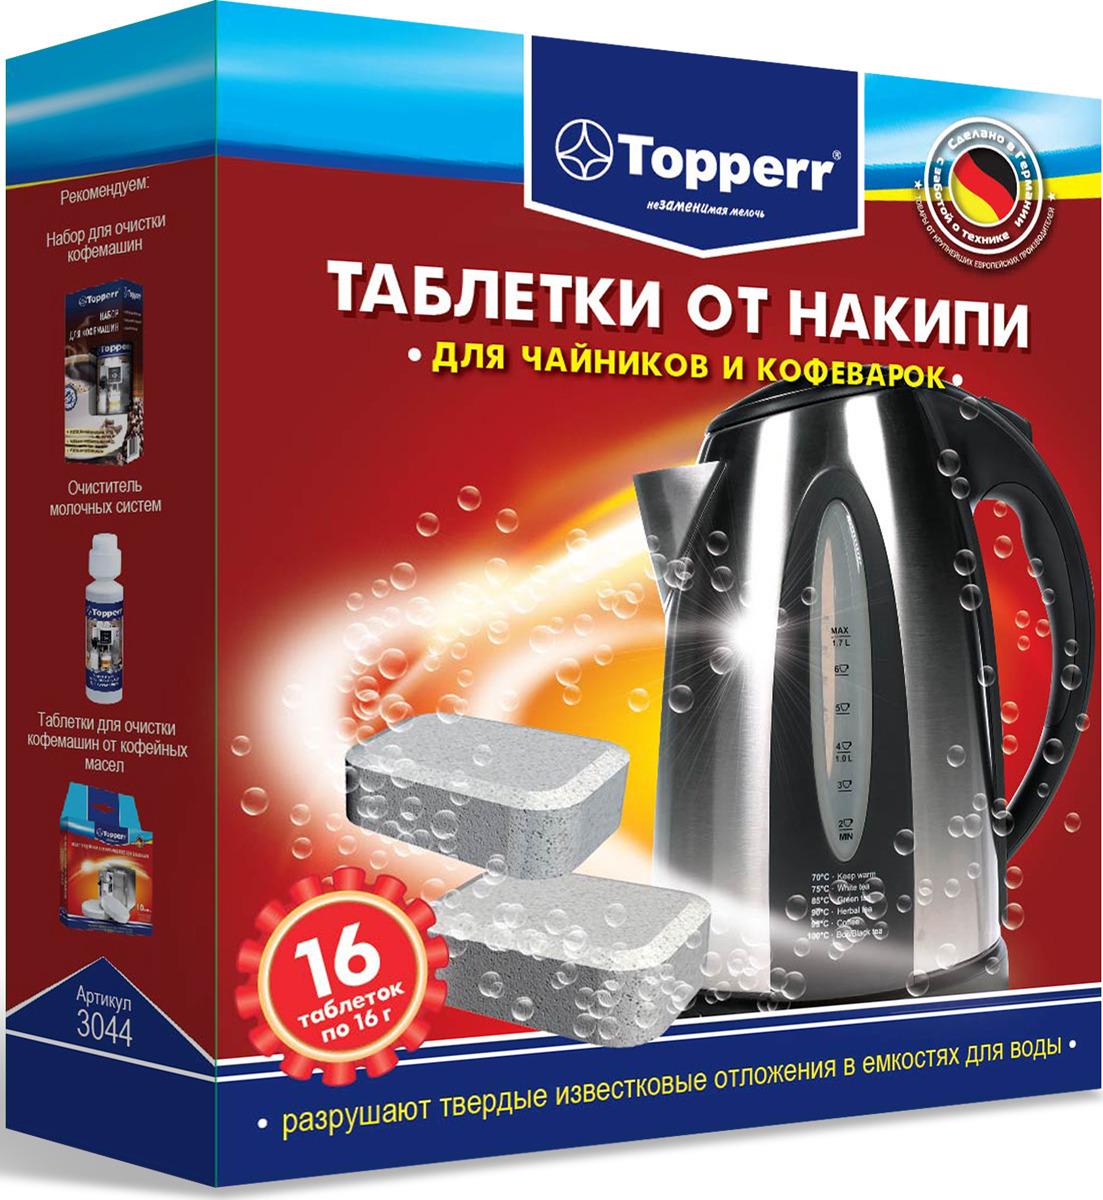 Таблетки от накипи Topperr, 3044, для чайников и кофеварок, 16 шт